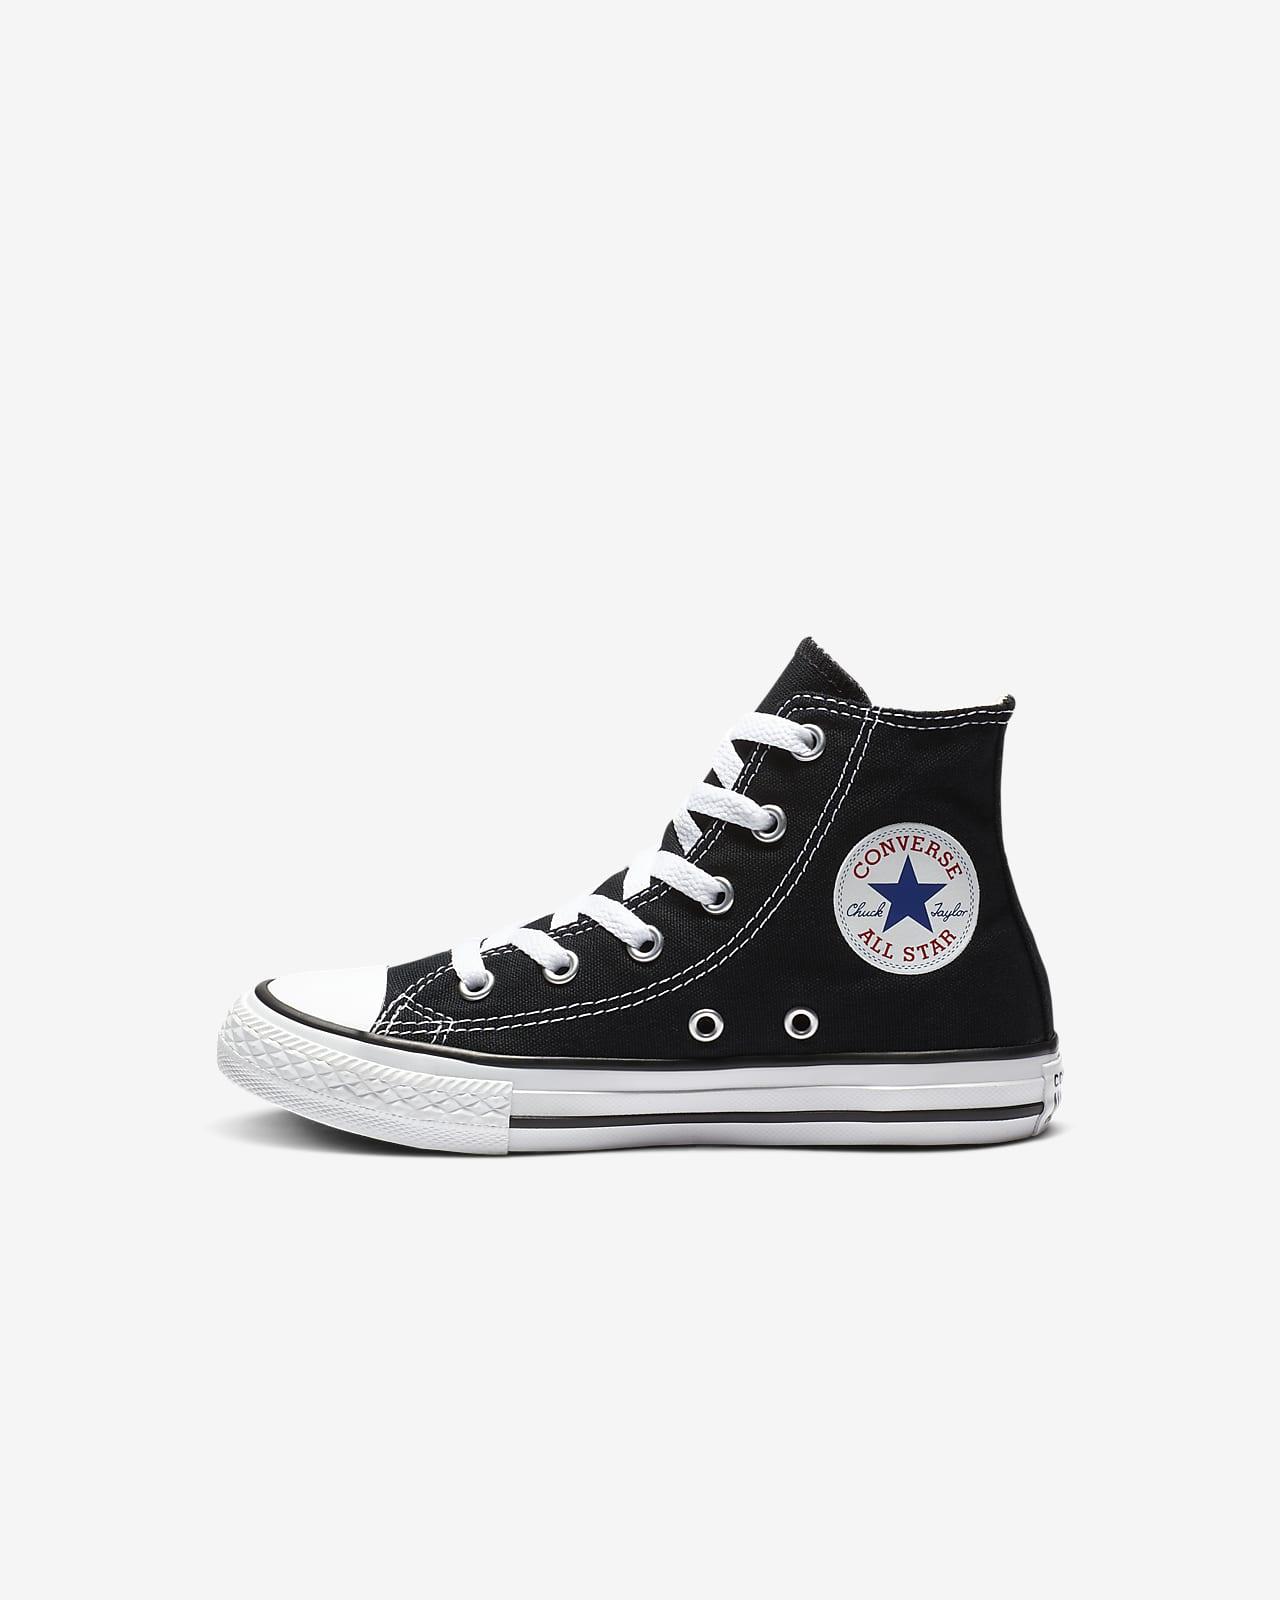 galón Corresponsal O cualquiera  Calzado para niños talla pequeña Converse Chuck Taylor All Star High Top.  Nike.com